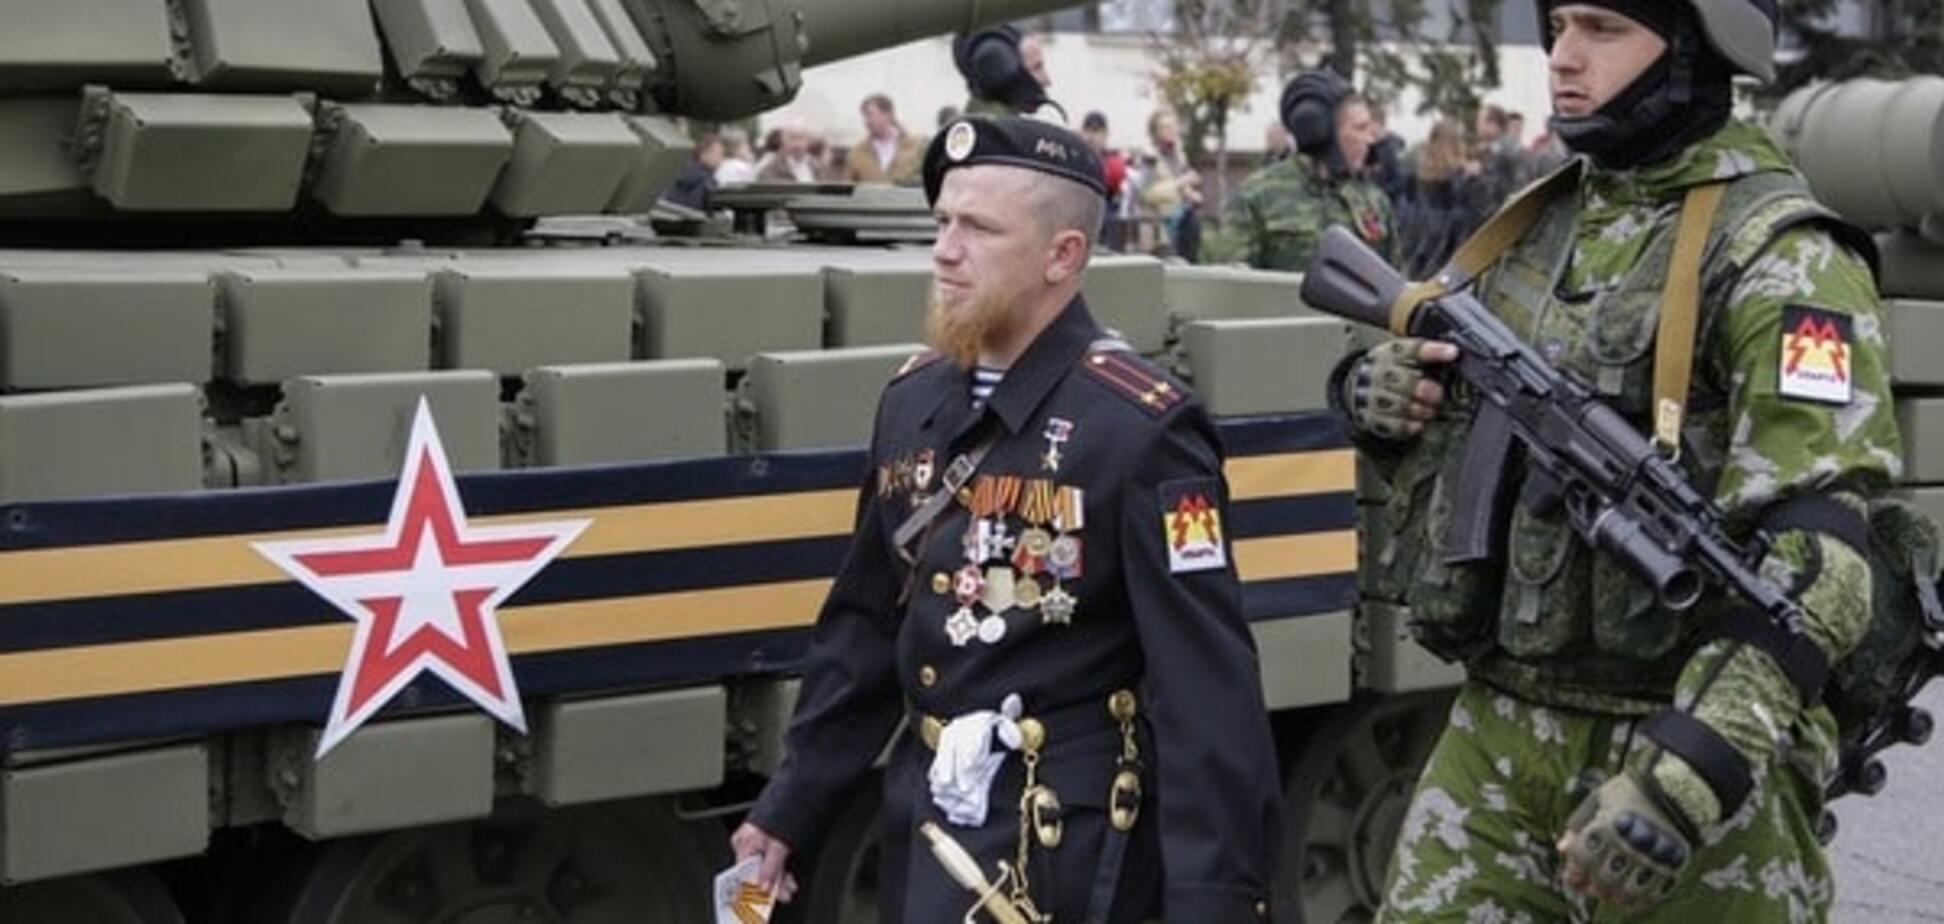 Терористи 'ДНР' зібралися влаштувати 'парад' несправної техніки для ОБСЄ